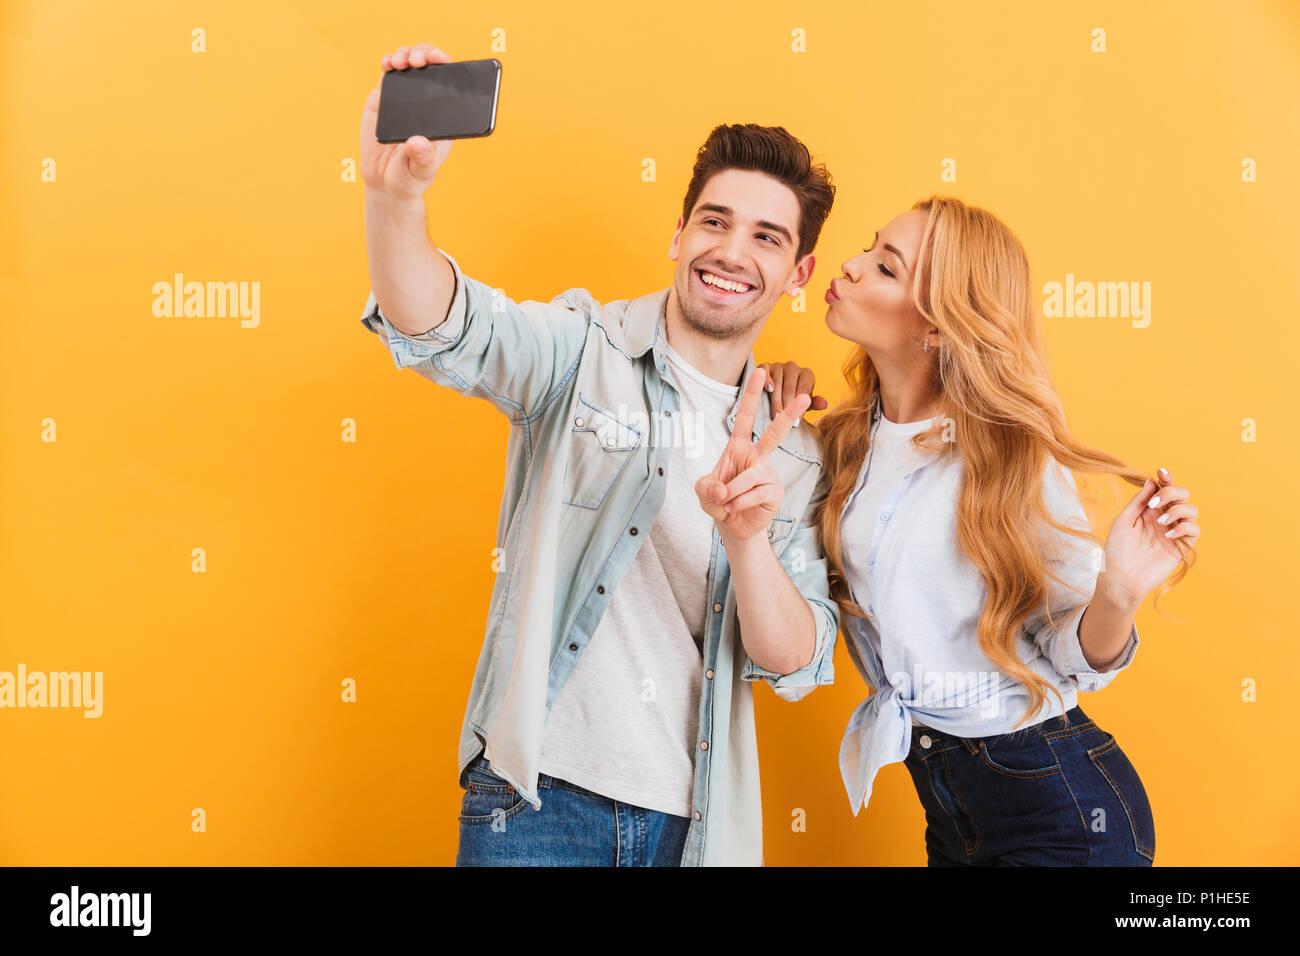 Portrait von Paar schöne unter selfie Foto auf Handy, während Frau Mann Küssen auf die Wange über Gelb Hintergrund isoliert Stockbild